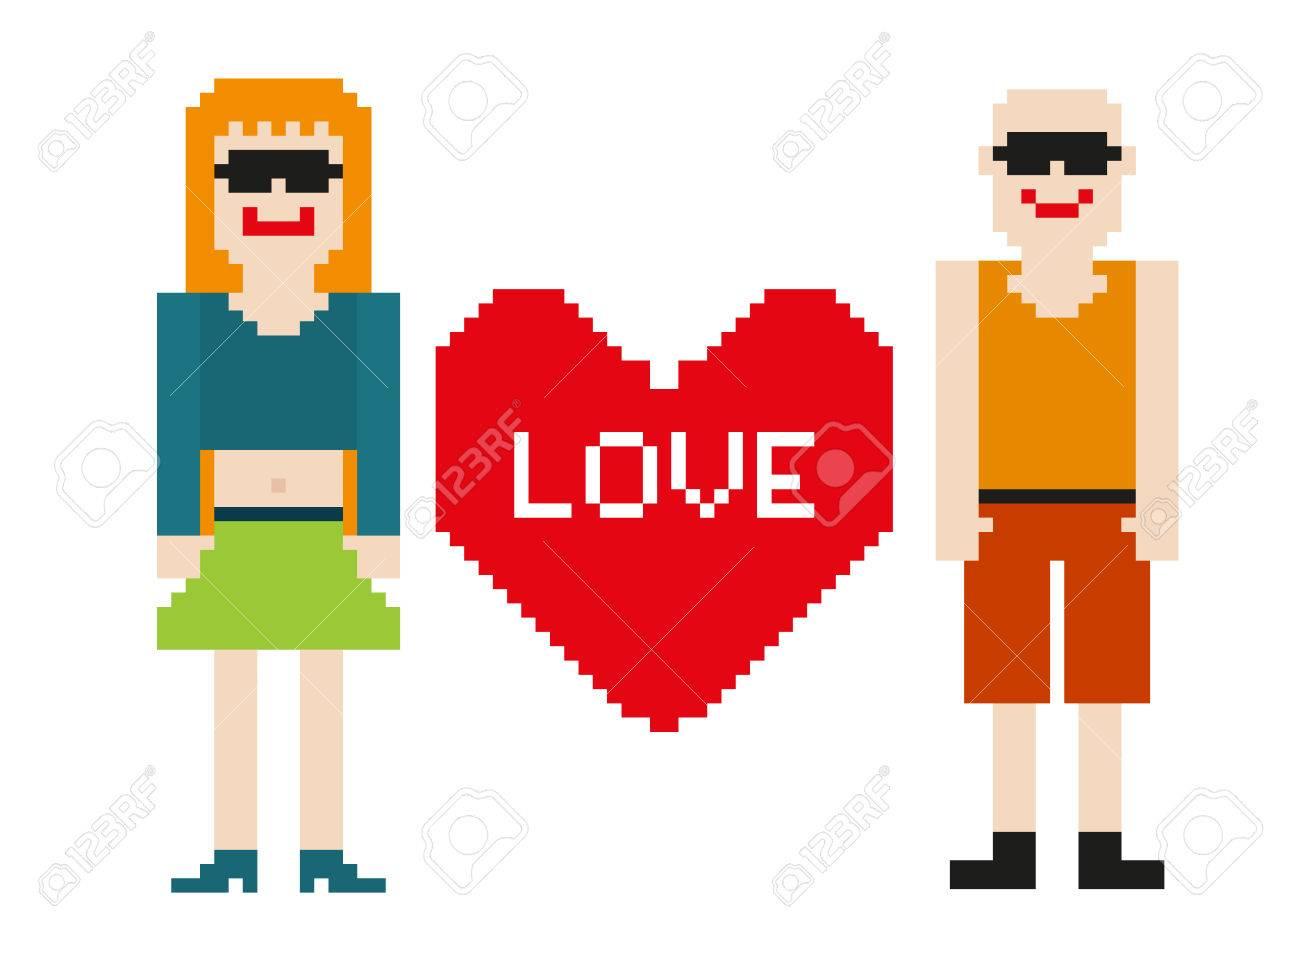 Pixel Art De Deux Personnes Isolees 8 Bits Avec Le Coeur Clip Art Libres De Droits Vecteurs Et Illustration Image 25276415